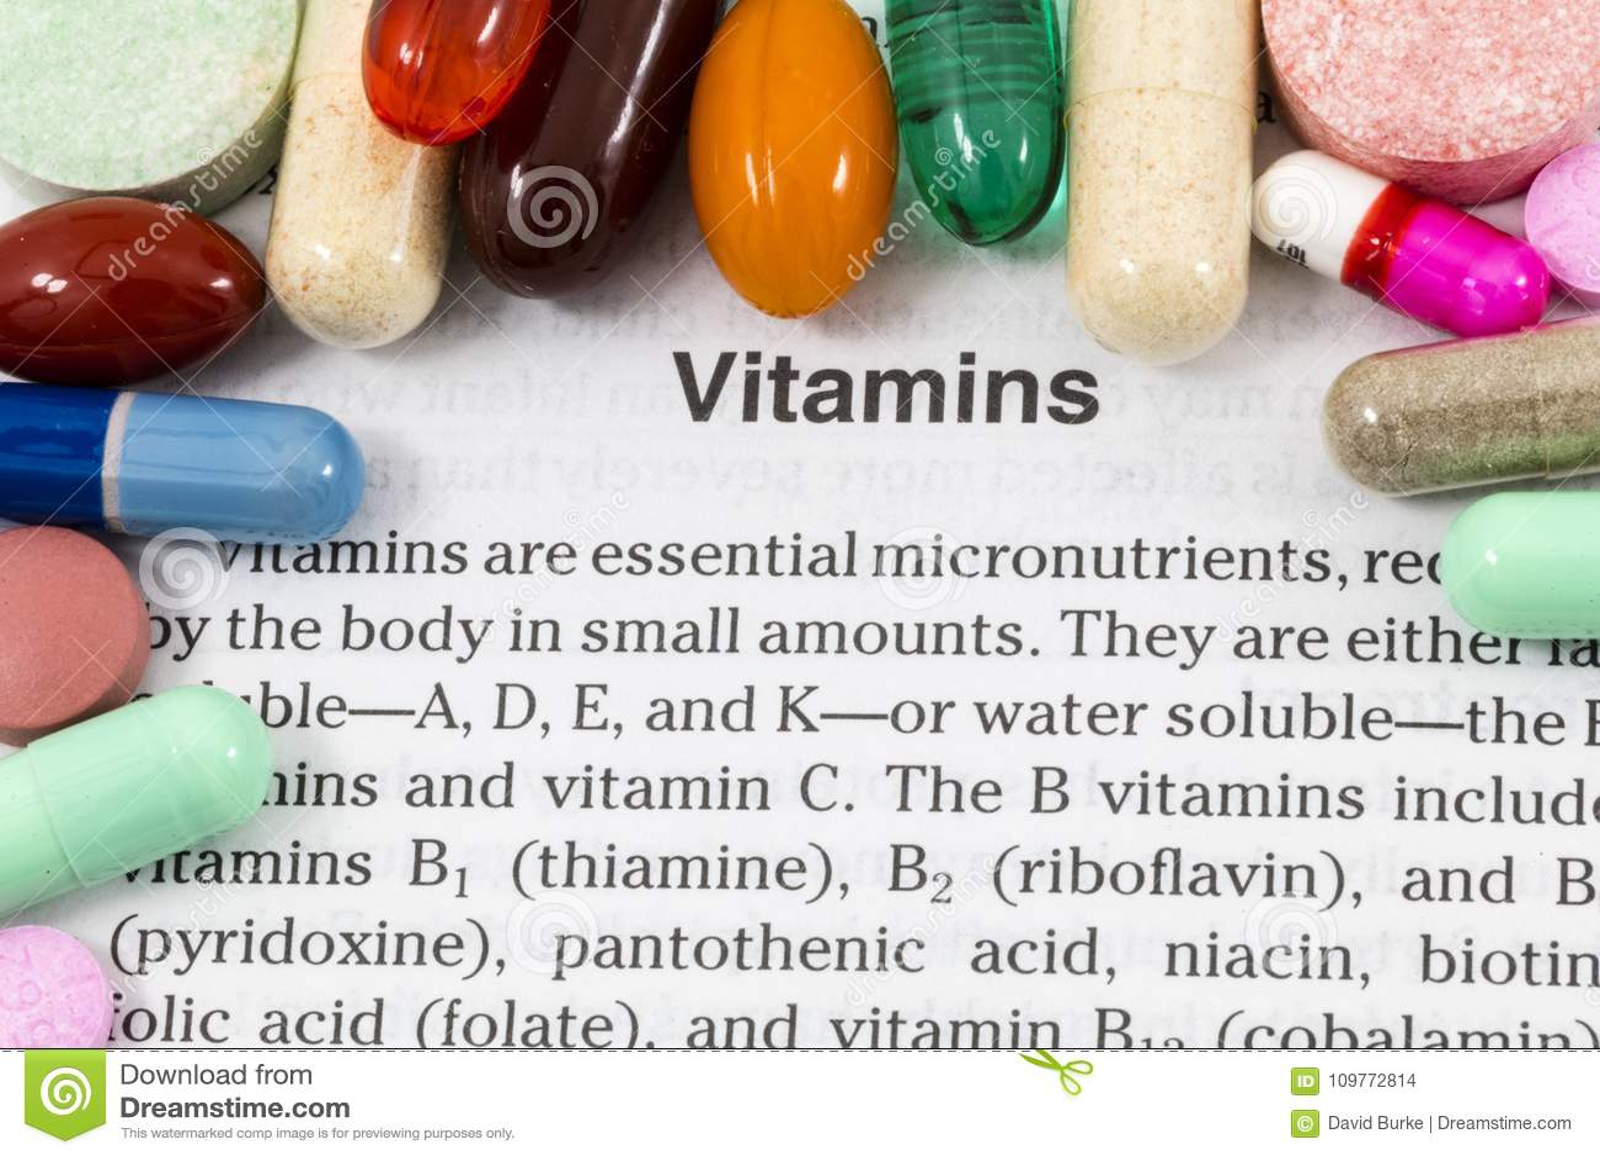 维生素补充健康文章